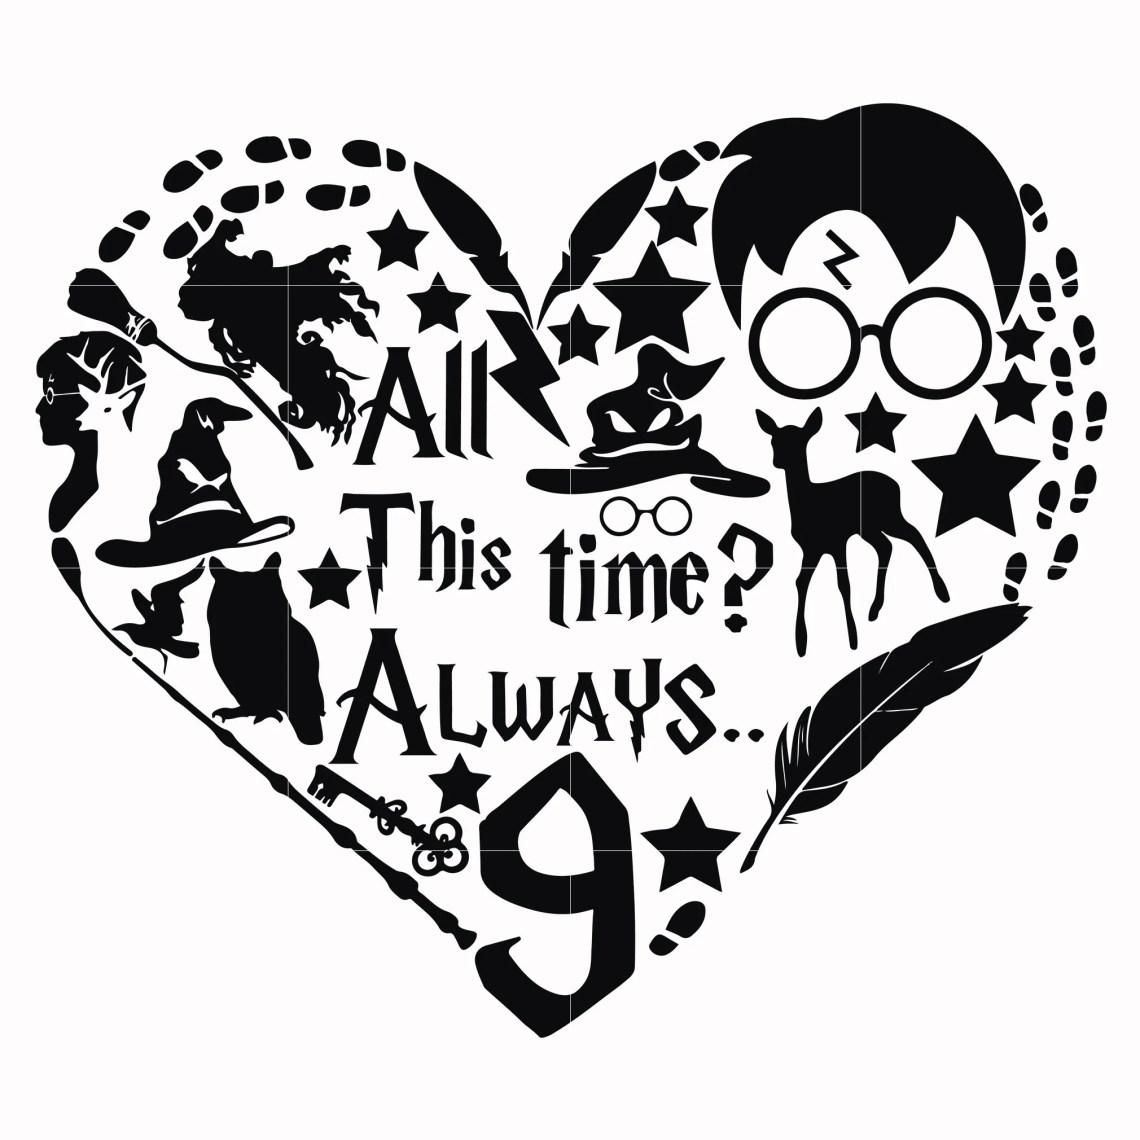 Download 36+ Free Harry Potter Svg Images Background Free SVG files ...